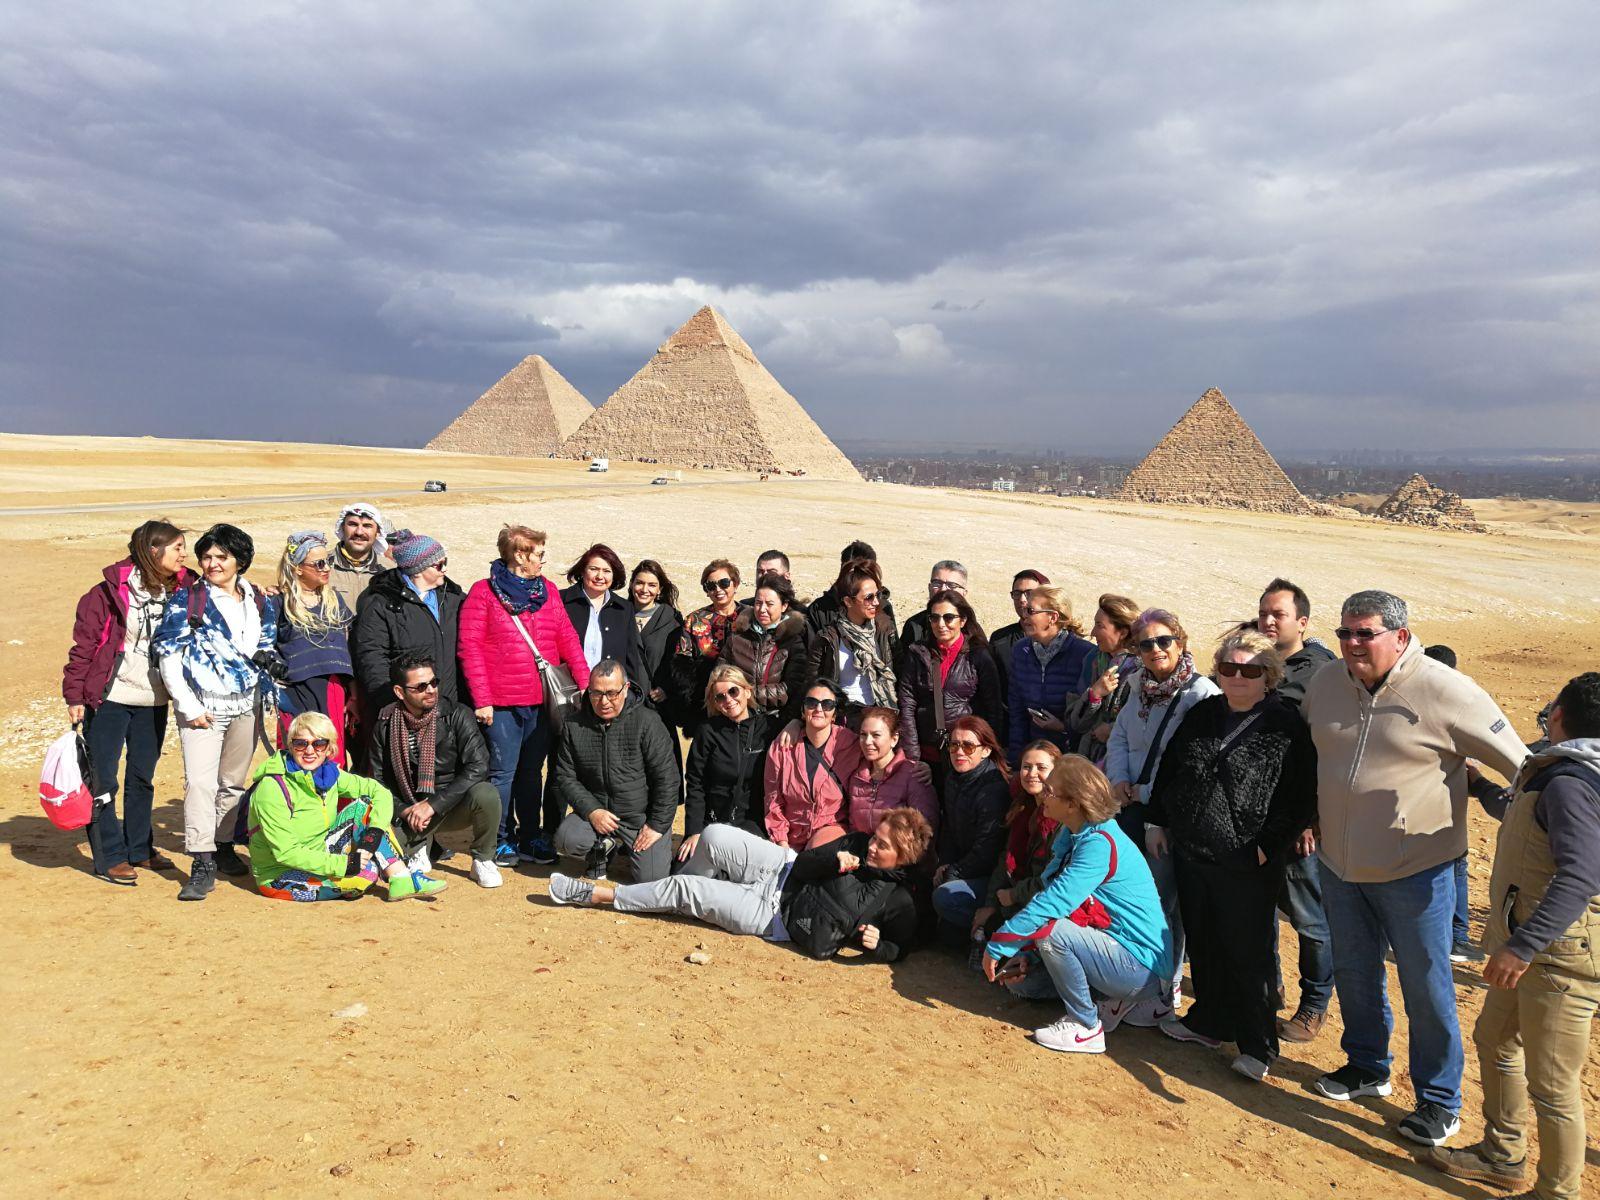 Dünya'nın En Gizemli Ülkesi Mısır'da Muhteşem 10 Gün